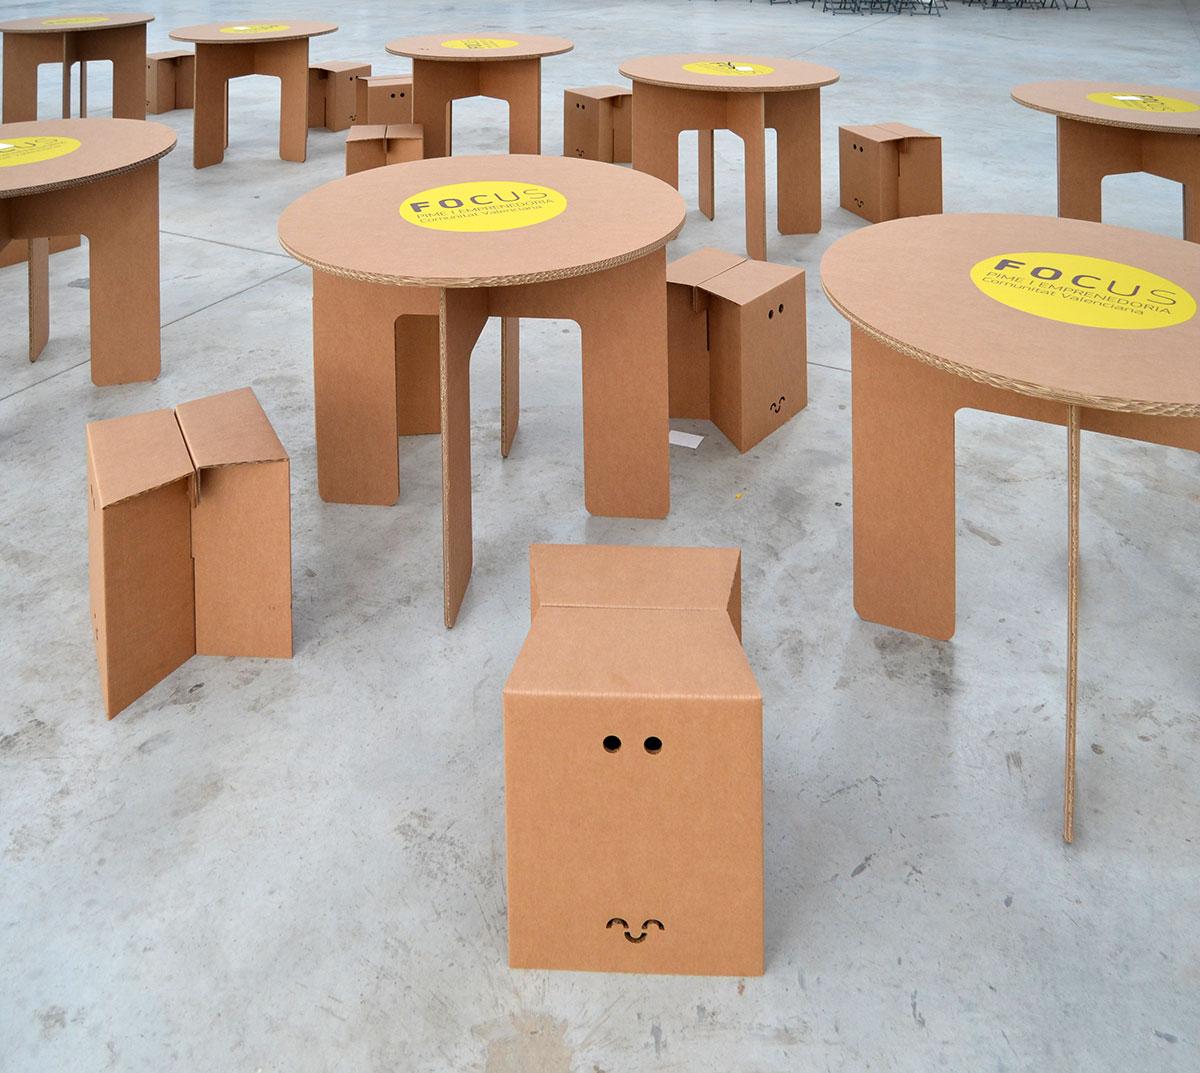 taburete-mesa-carton-focus-pyme-alicante-cartonlab-4